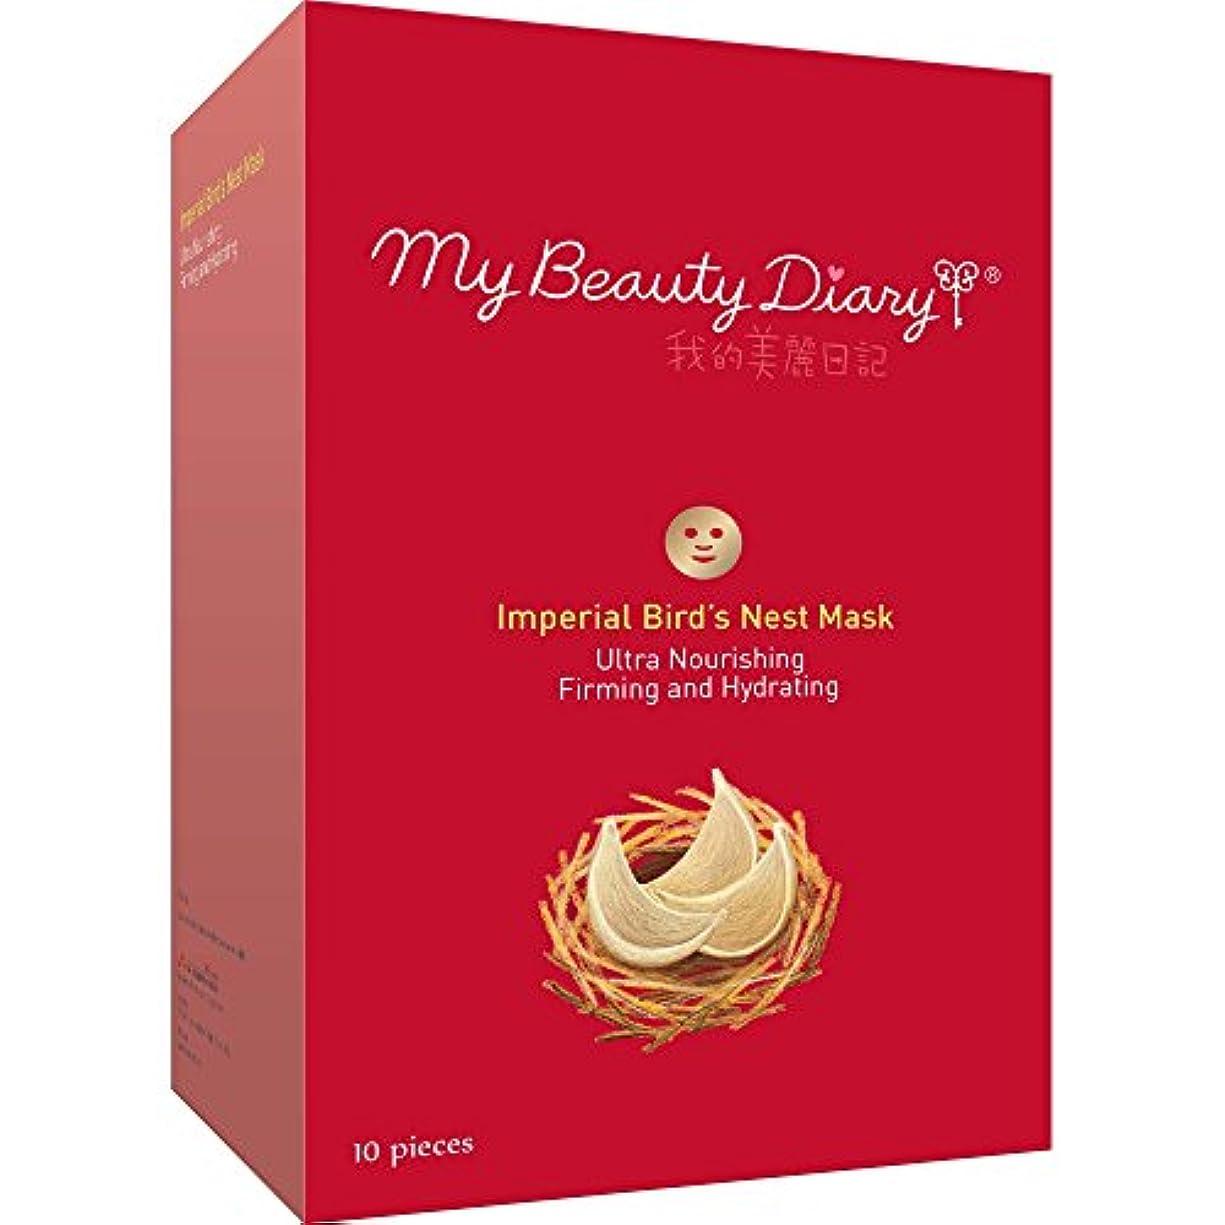 モニターネックレス夜間My Beauty Diary - Imperial Nest Facial Mask